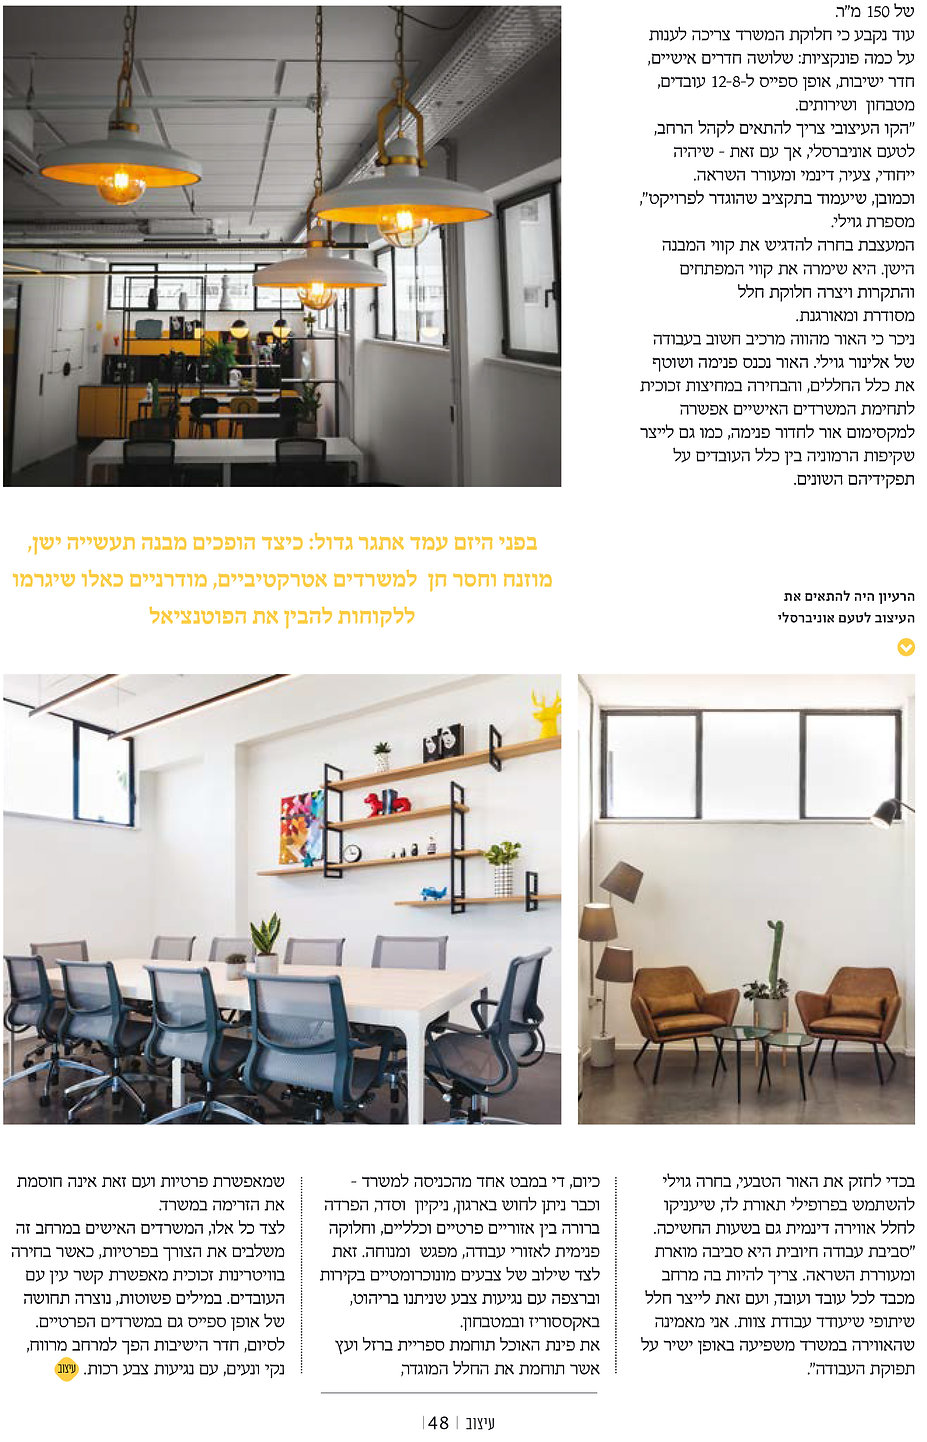 כתבה מגזין עיצוב אלינור גוילי 2.jpg